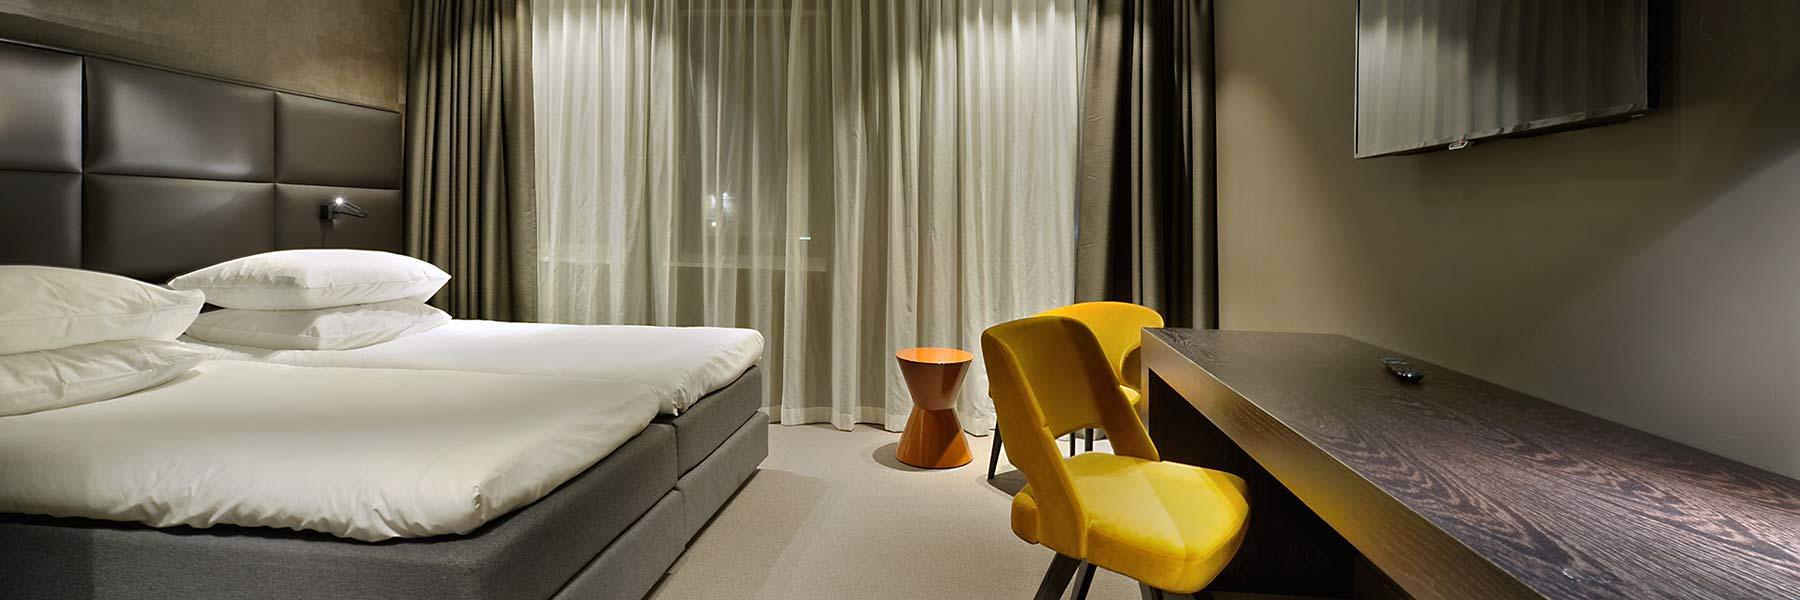 Habitaci n doble de lujo camas separadas habitaciones for Descripcion de una habitacion de hotel